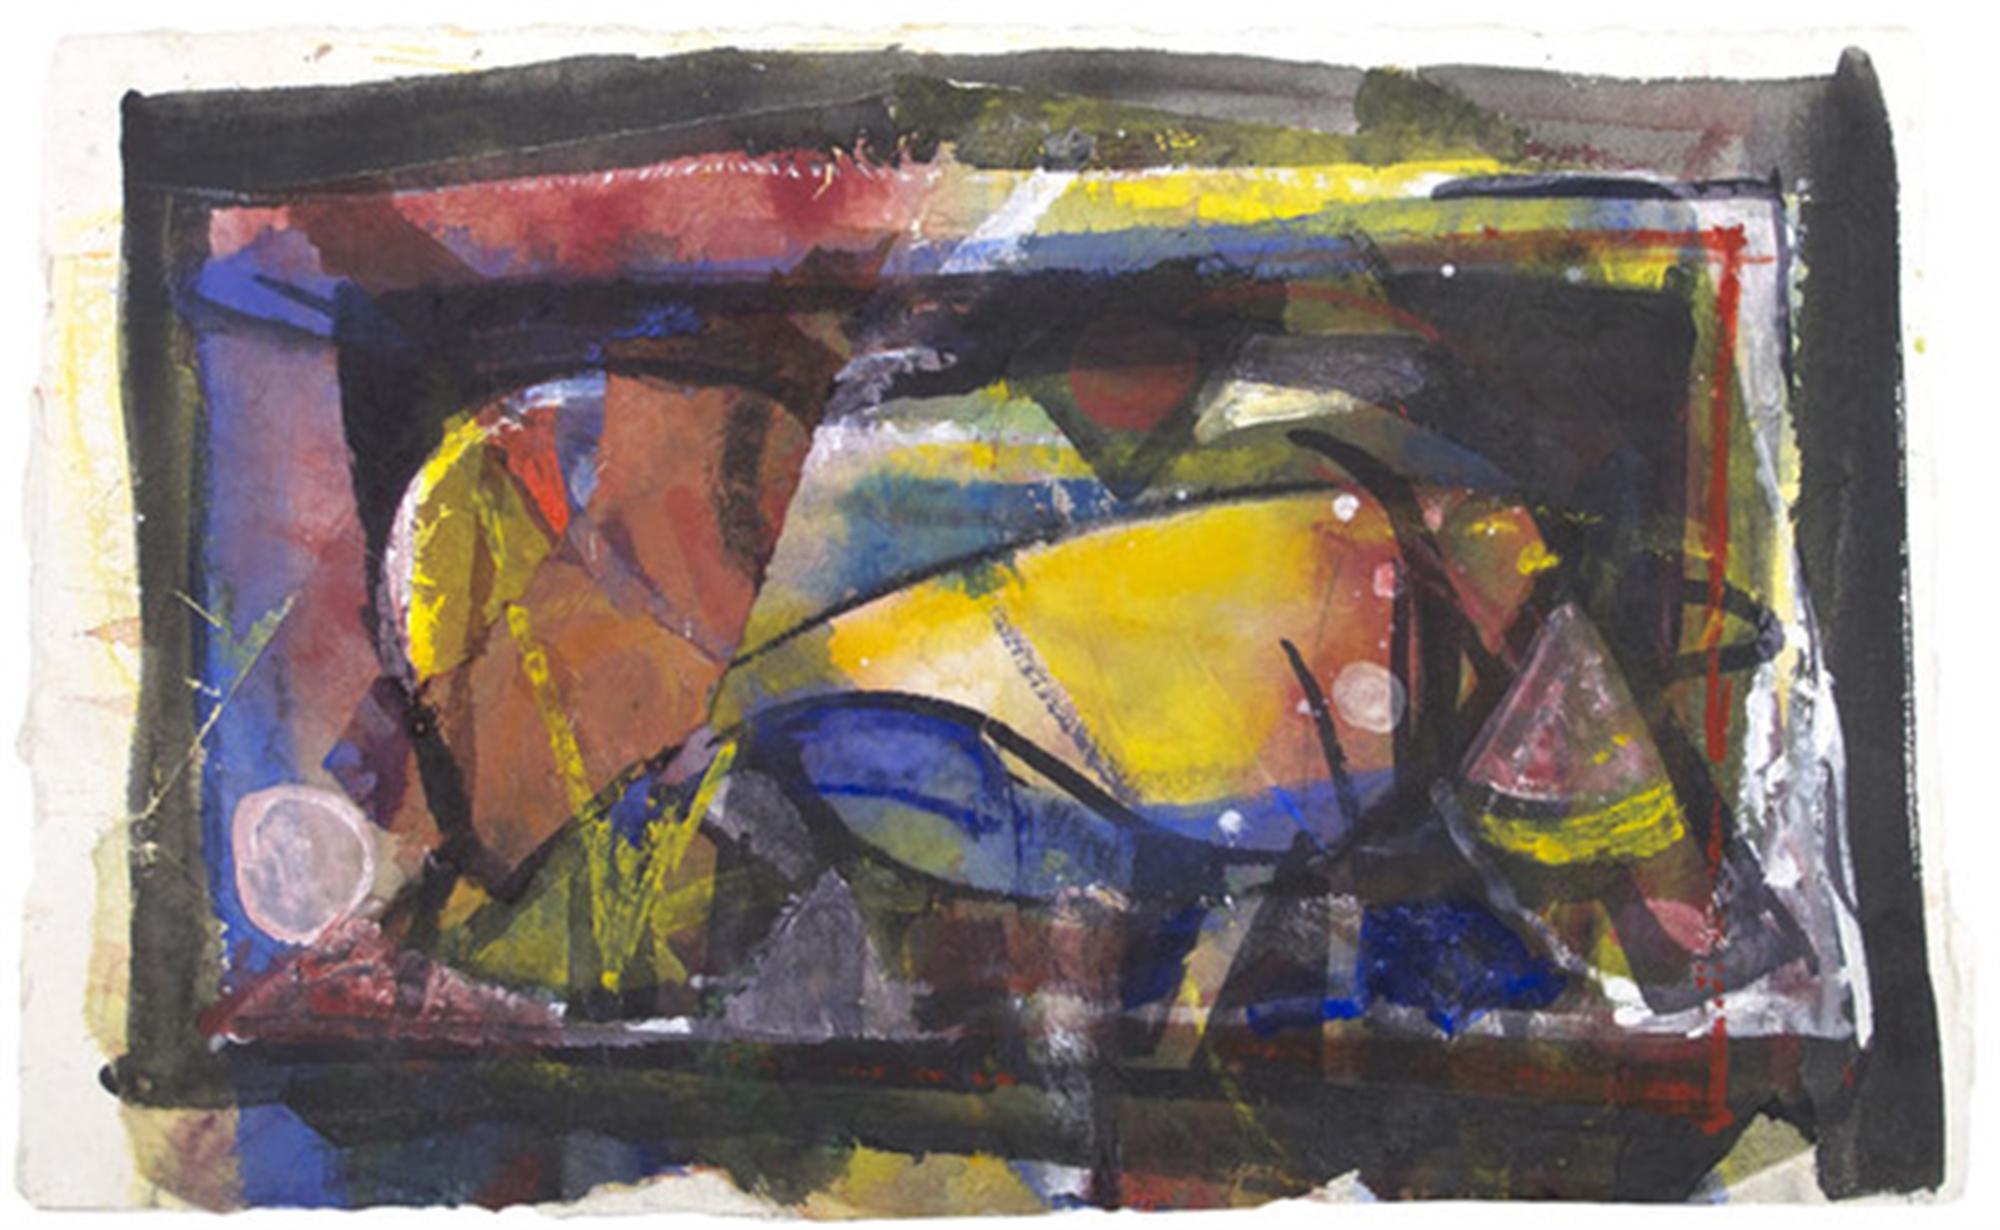 The Fish by Dan Muller